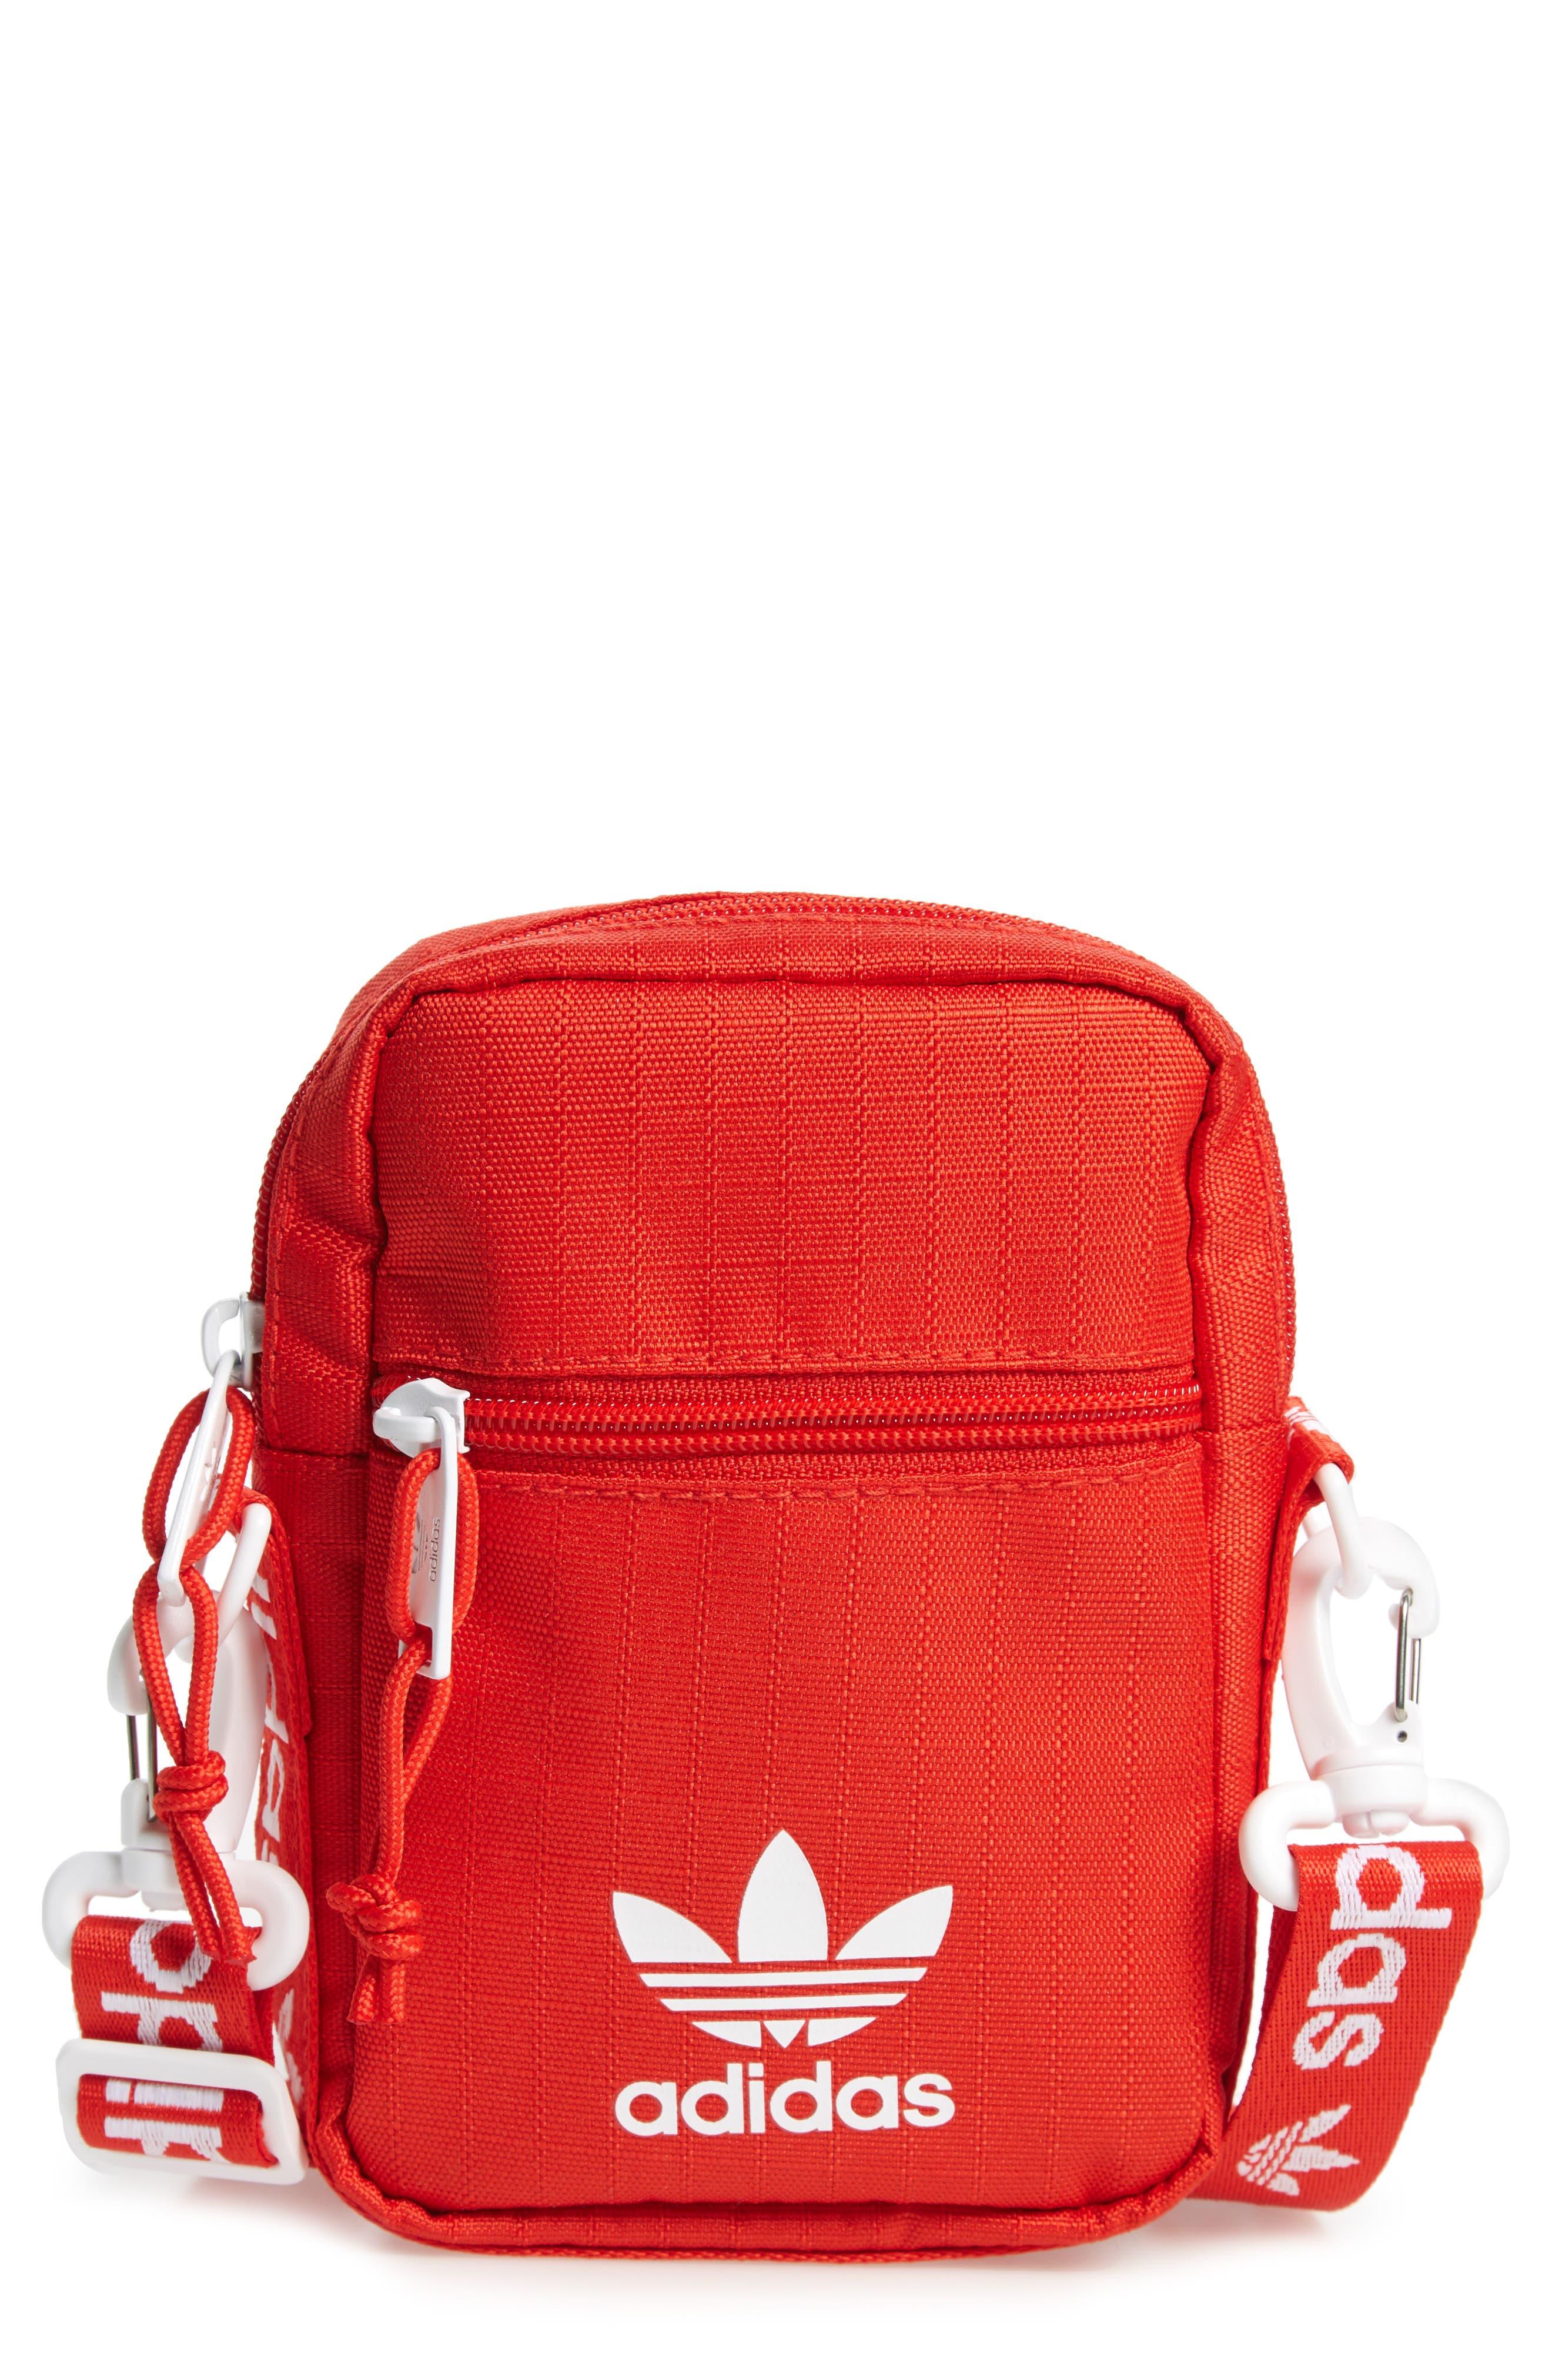 ADIDAS, Logo Belt Bag, Main thumbnail 1, color, RED